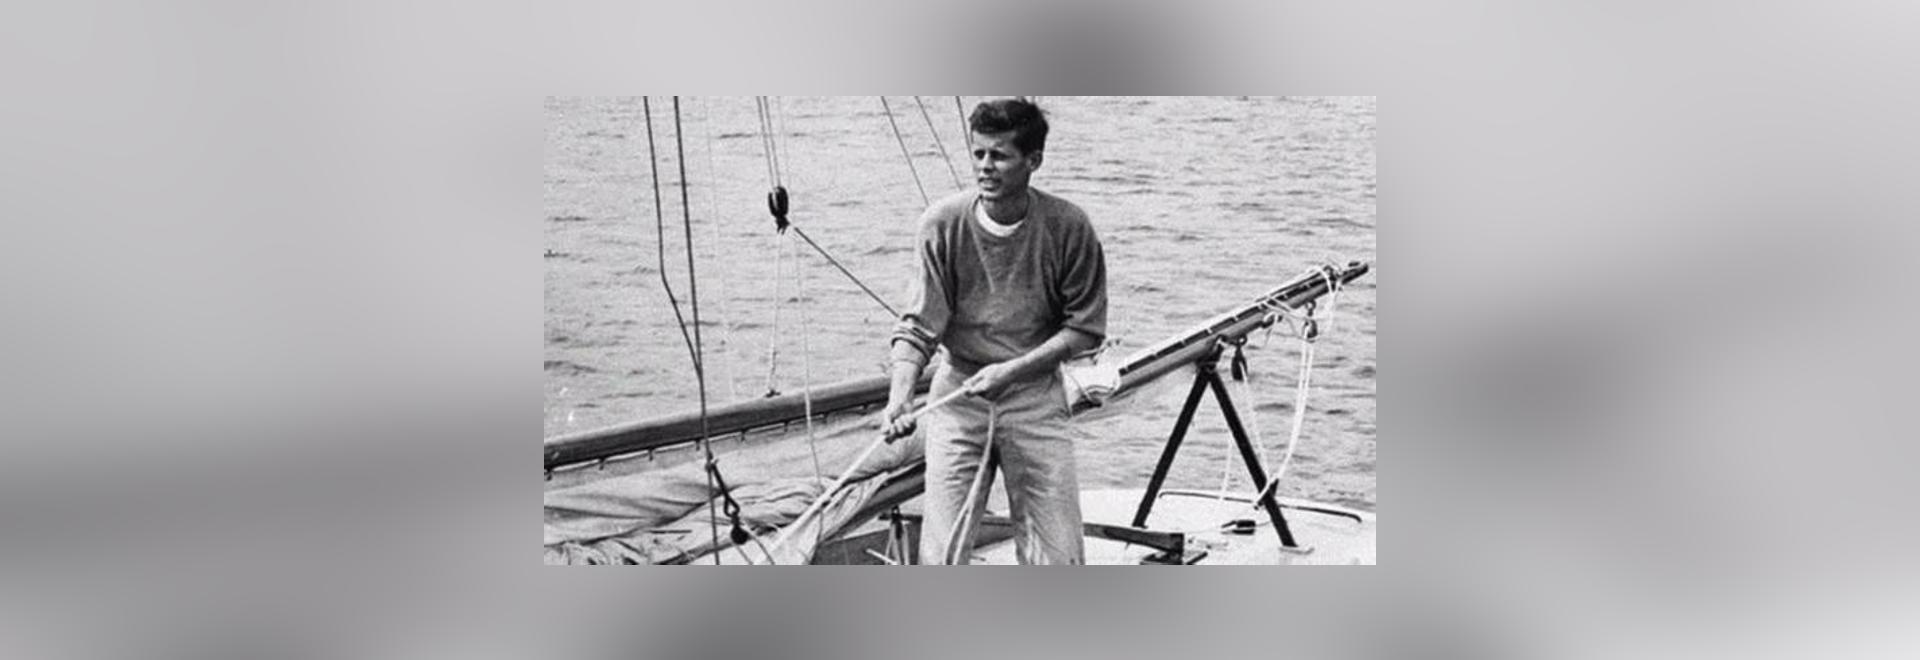 JFK à bord de sa classe d'étoile emballant le flash II de bateau à voiles